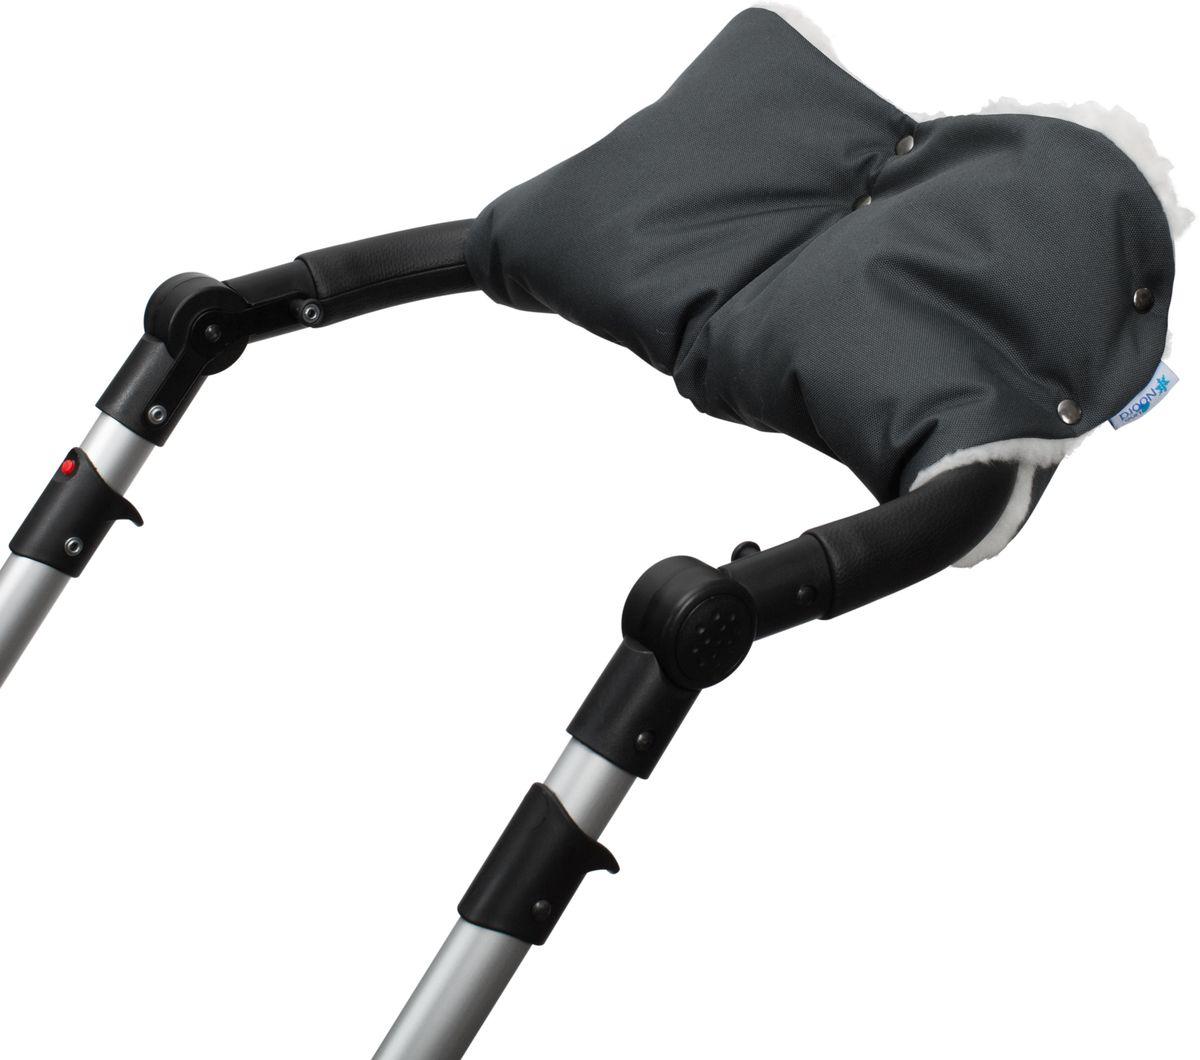 Noordline Муфта для рук на коляску цвет темно-серыйMU-DGМуфта изготовлена из набивной овчины на ткани. Верх муфты из водонепроницаемой ткани. Наполнитель: 30% овчина, 70% Холлофайбер. Крепиться на коляску с помощью кнопок. Размеры: ширина 25 см, длина 51 см (без подгиба)